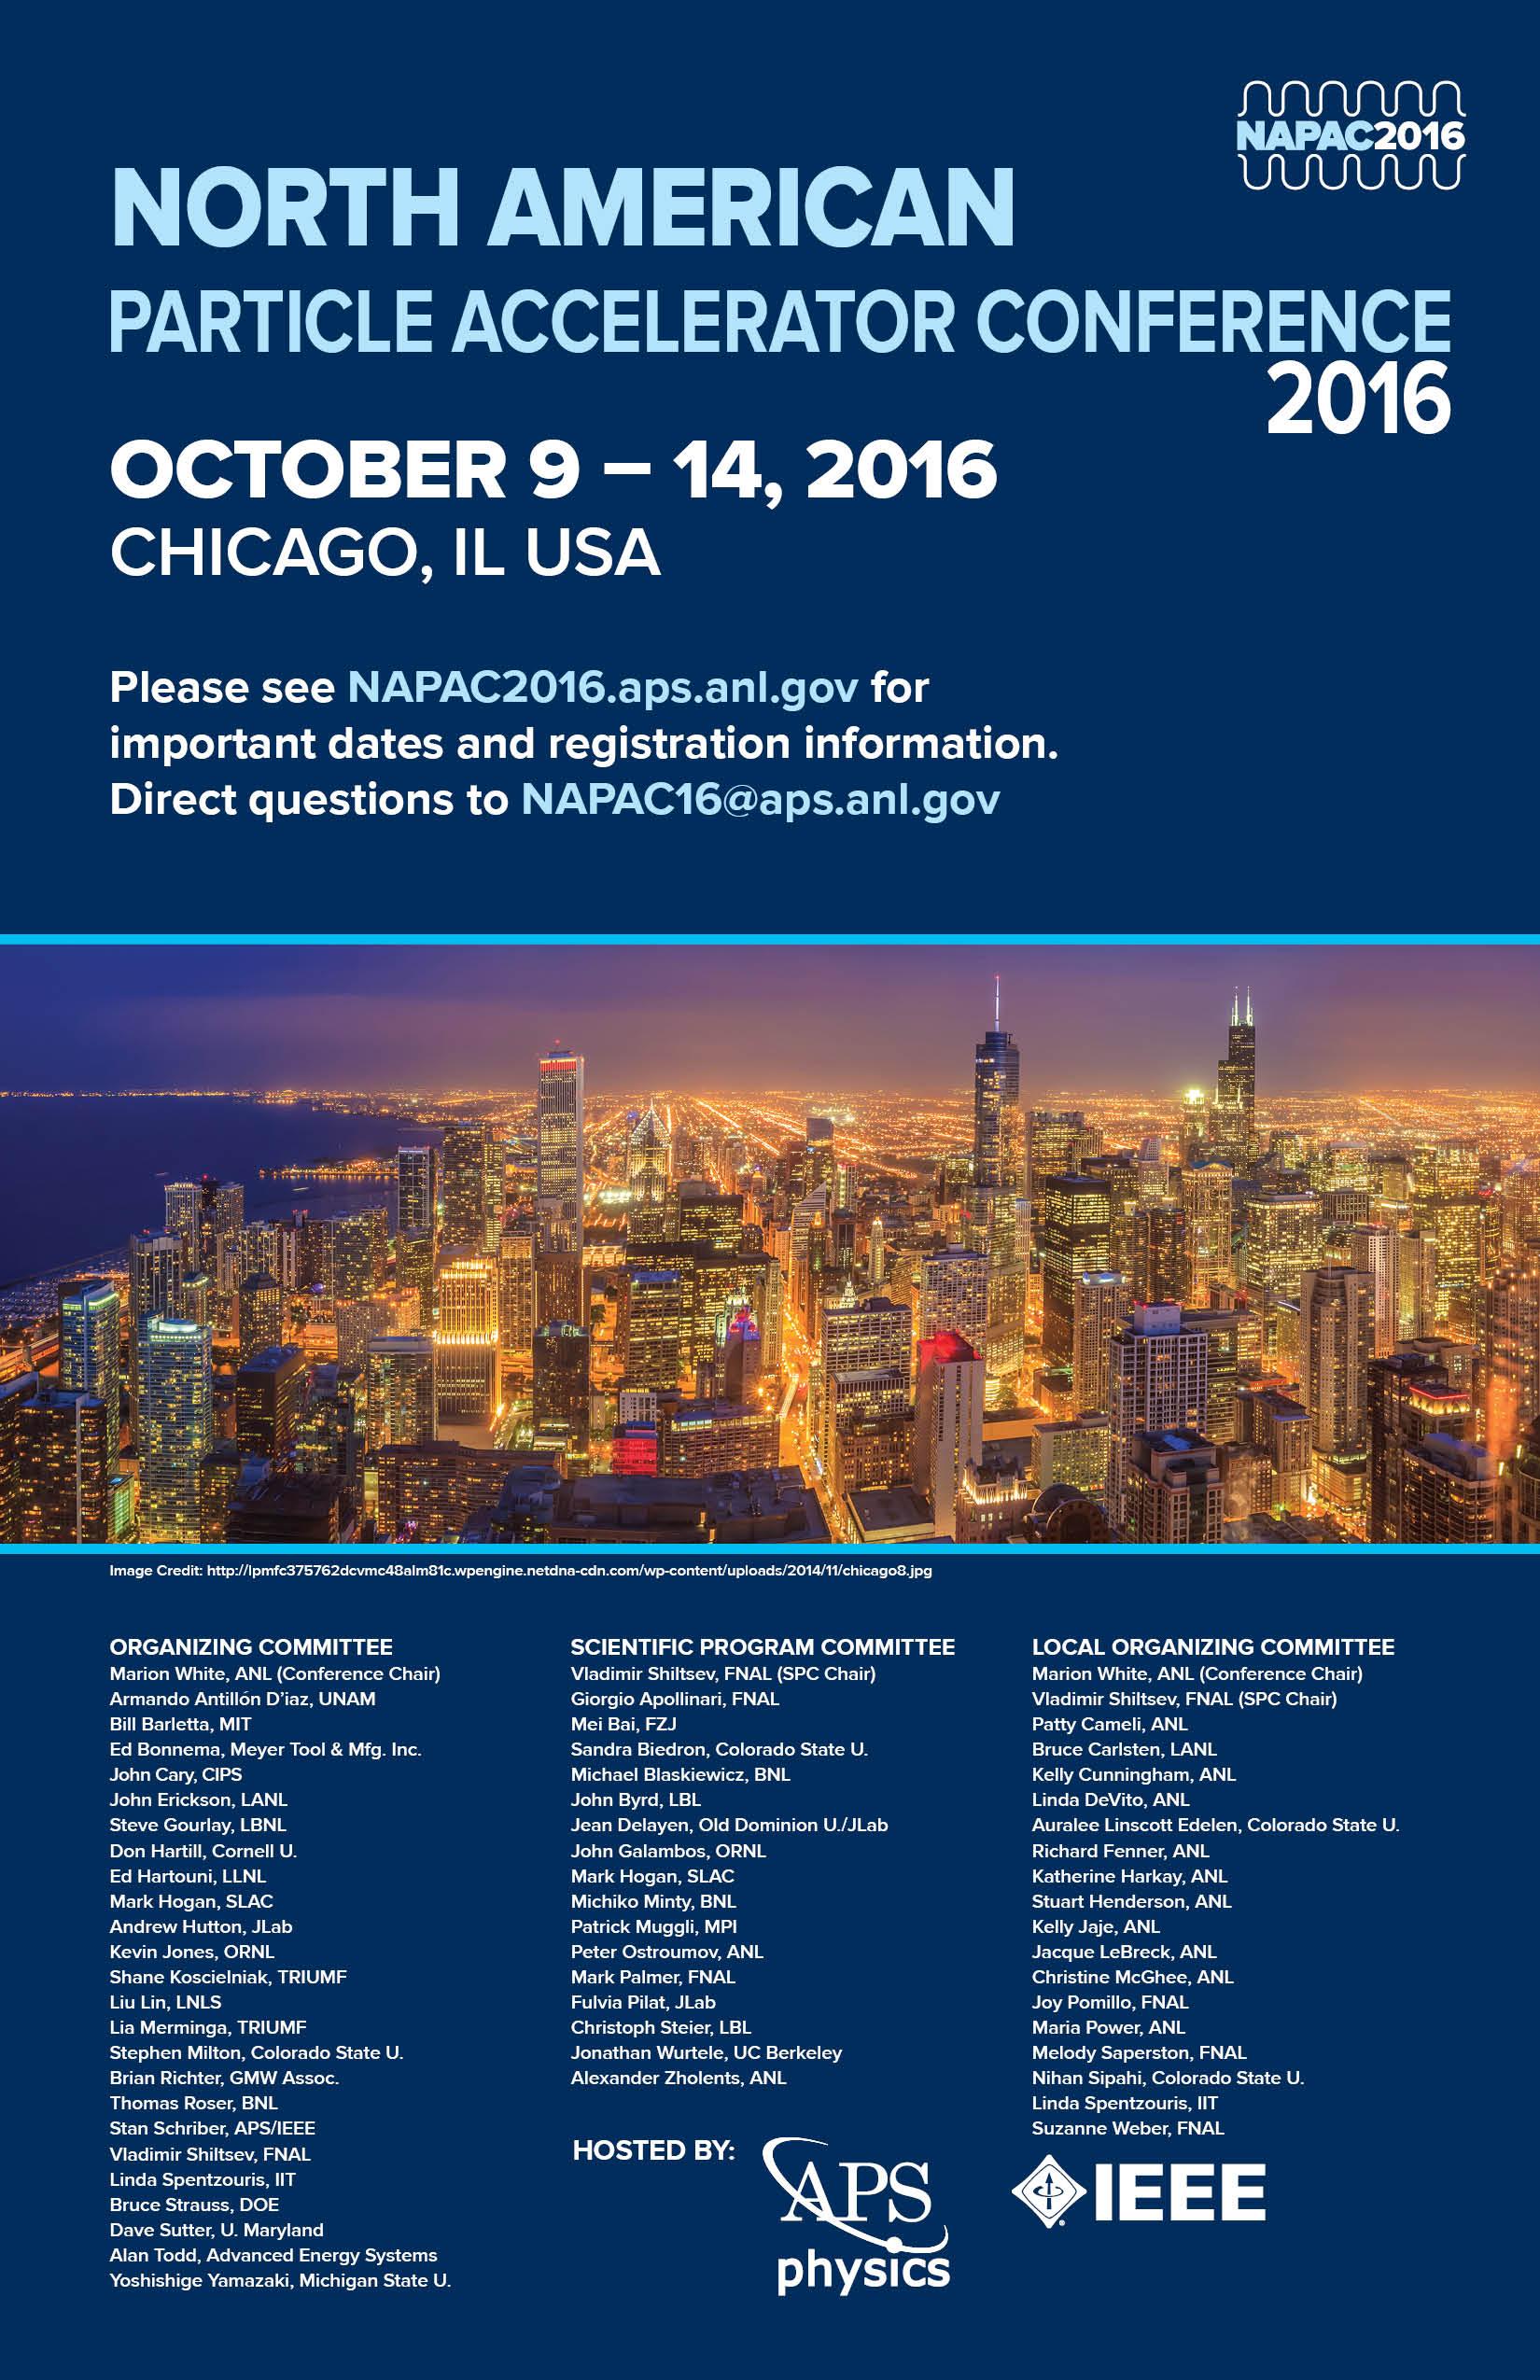 NAPAC16 poster